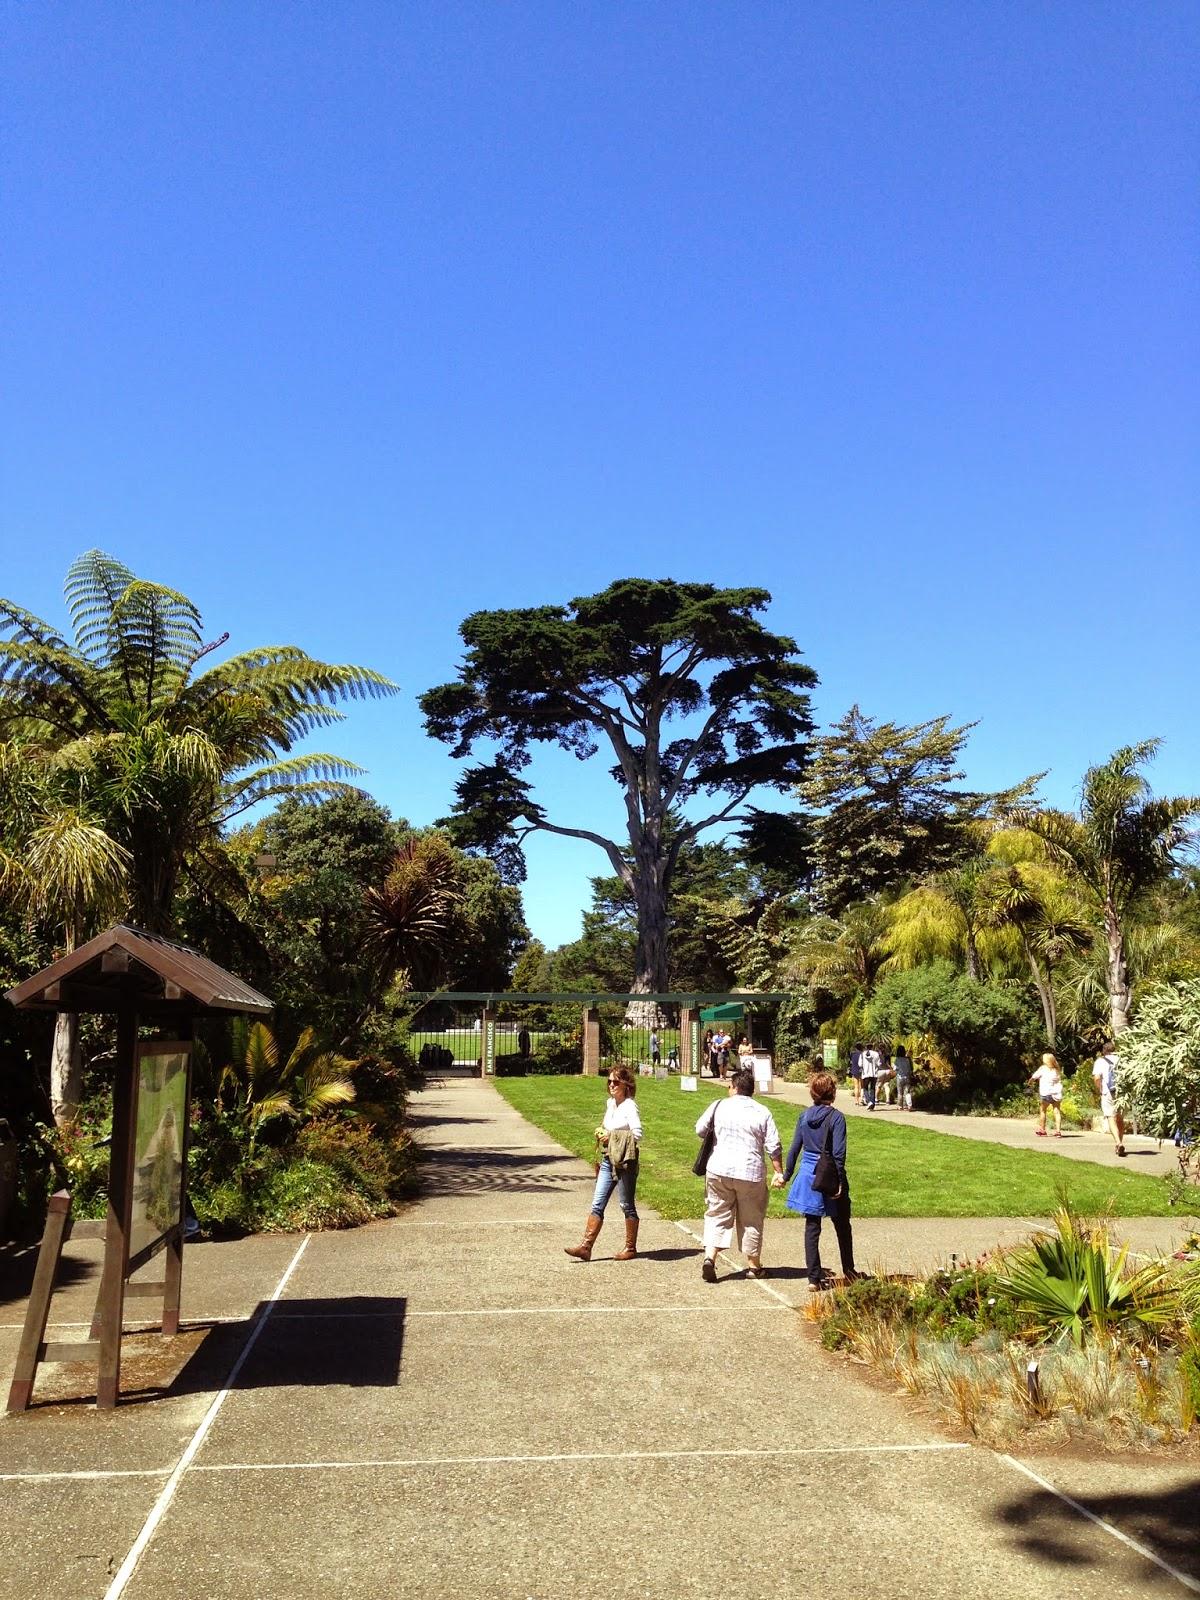 The Lents Farmer San Francisco Botanical Garden